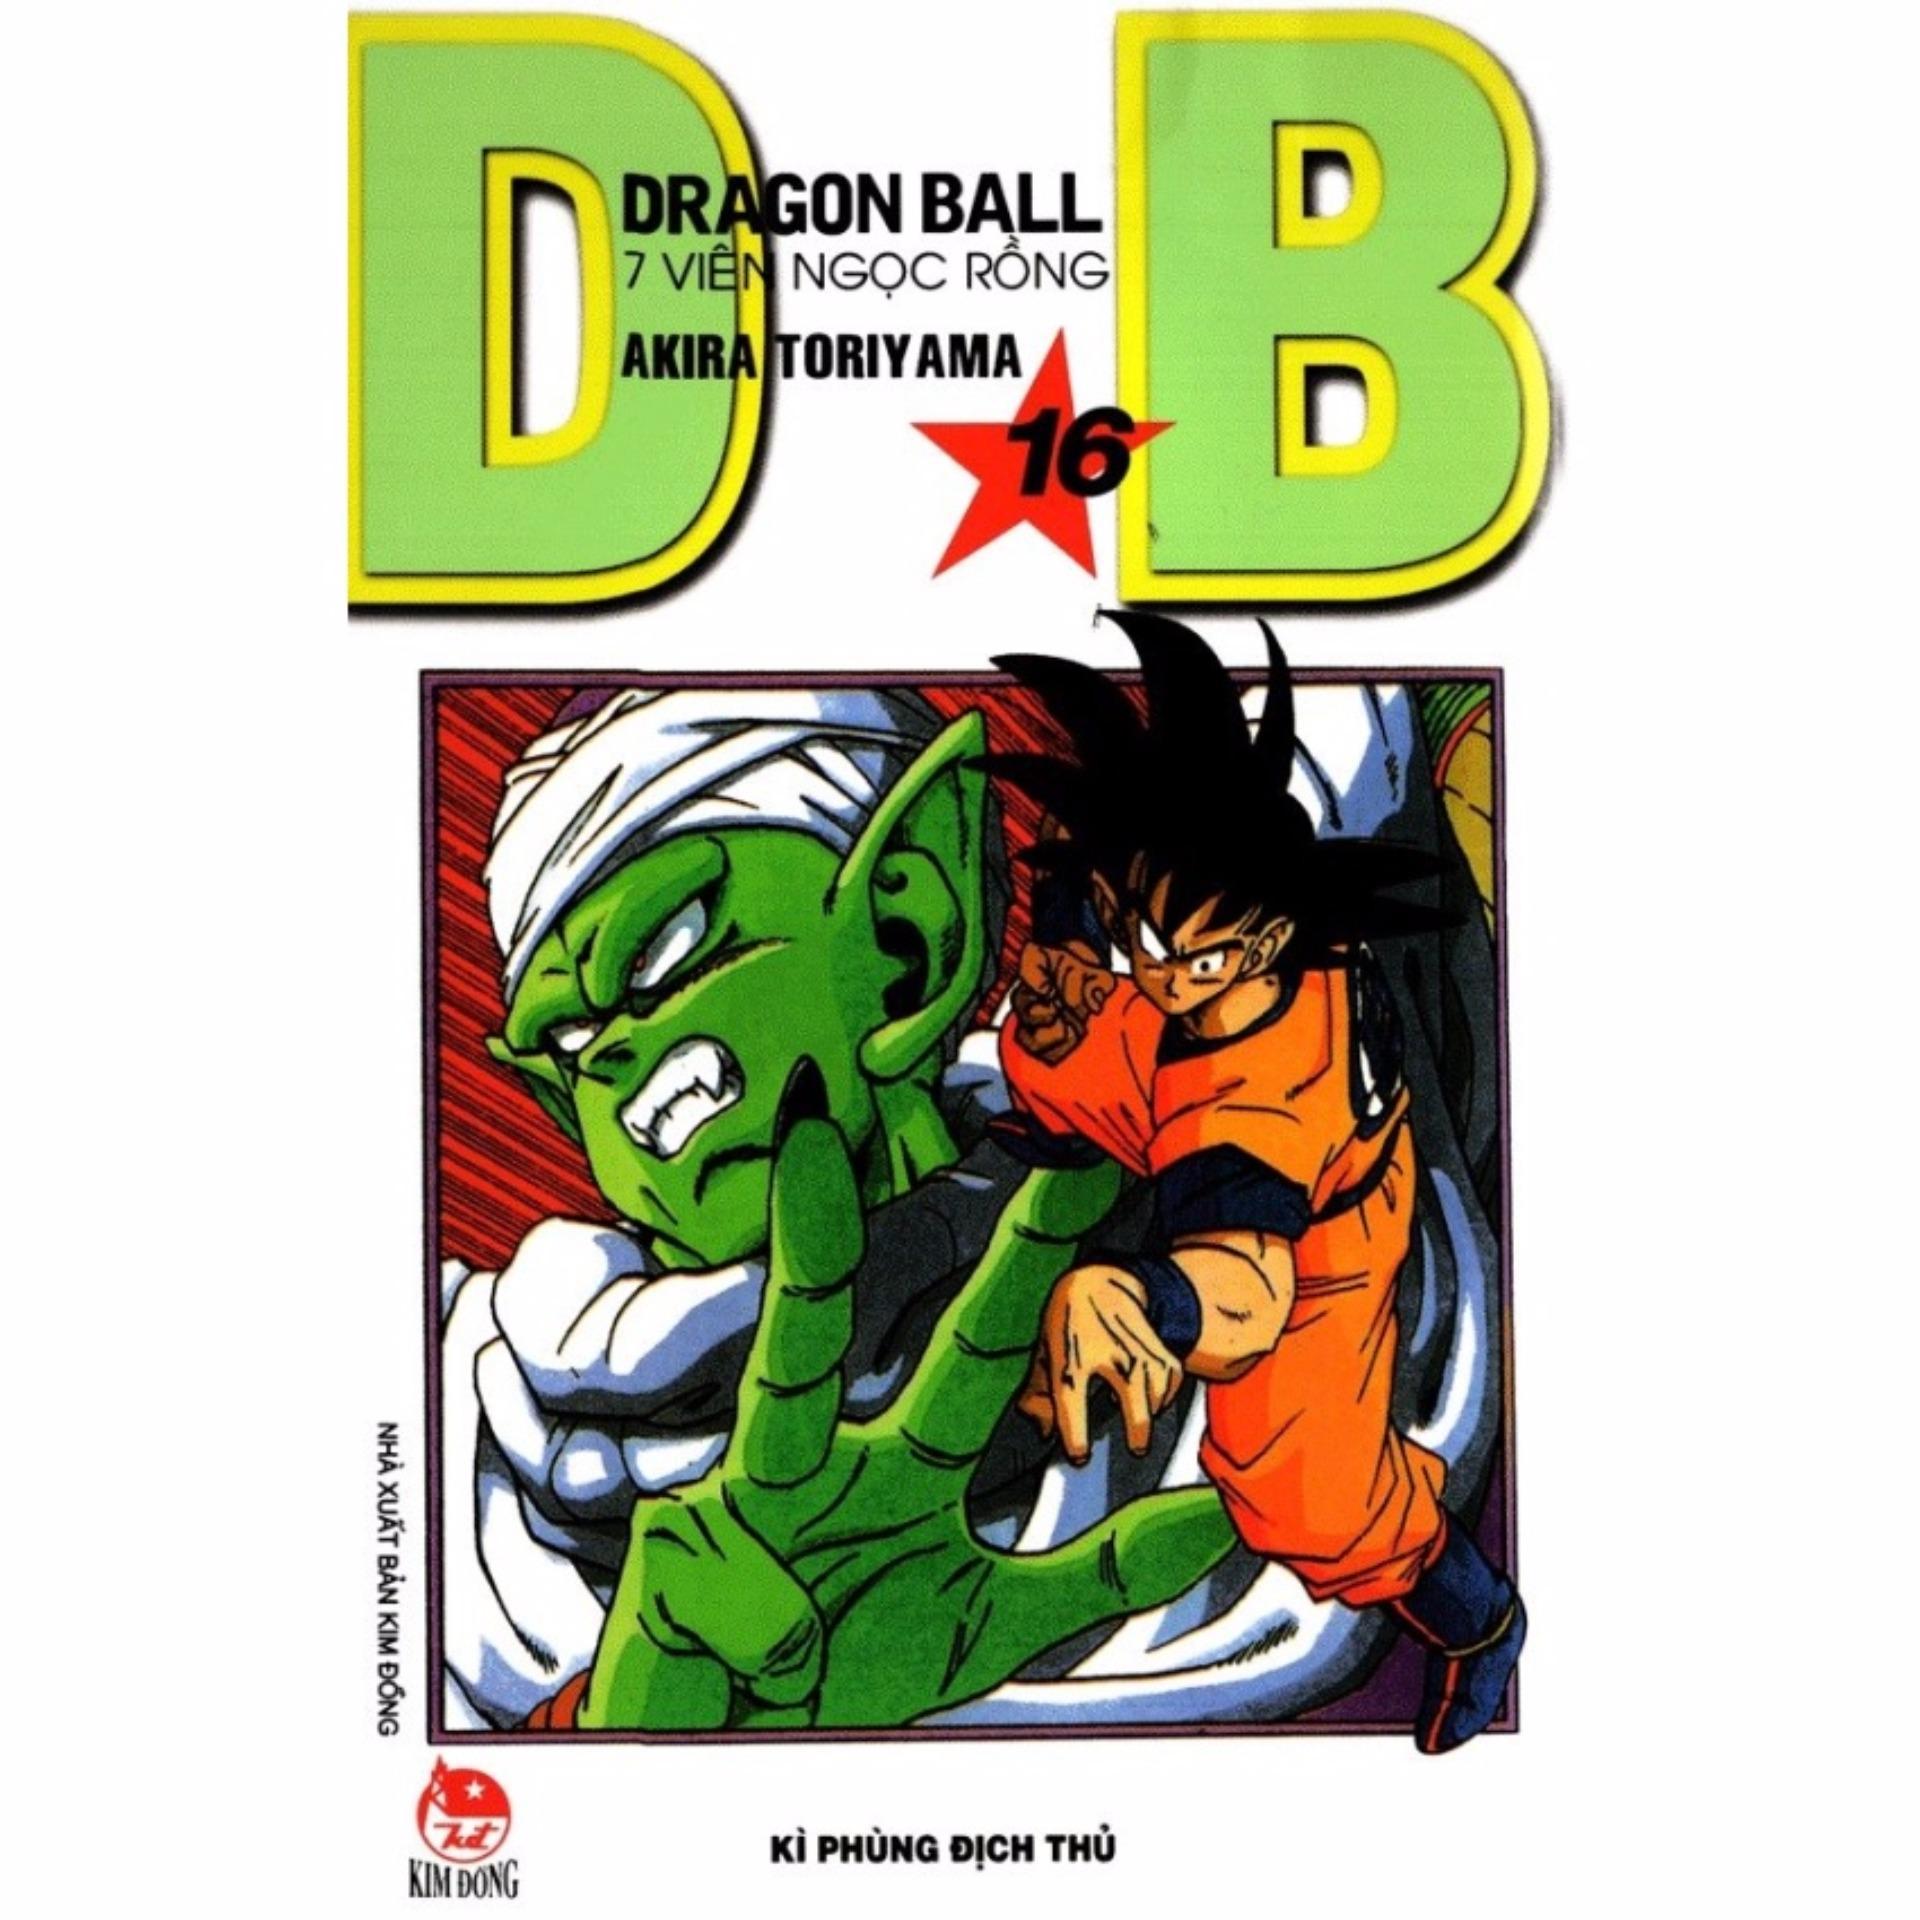 Dragon Ball 7 viên ngọc rồng (2015) - Tập 16